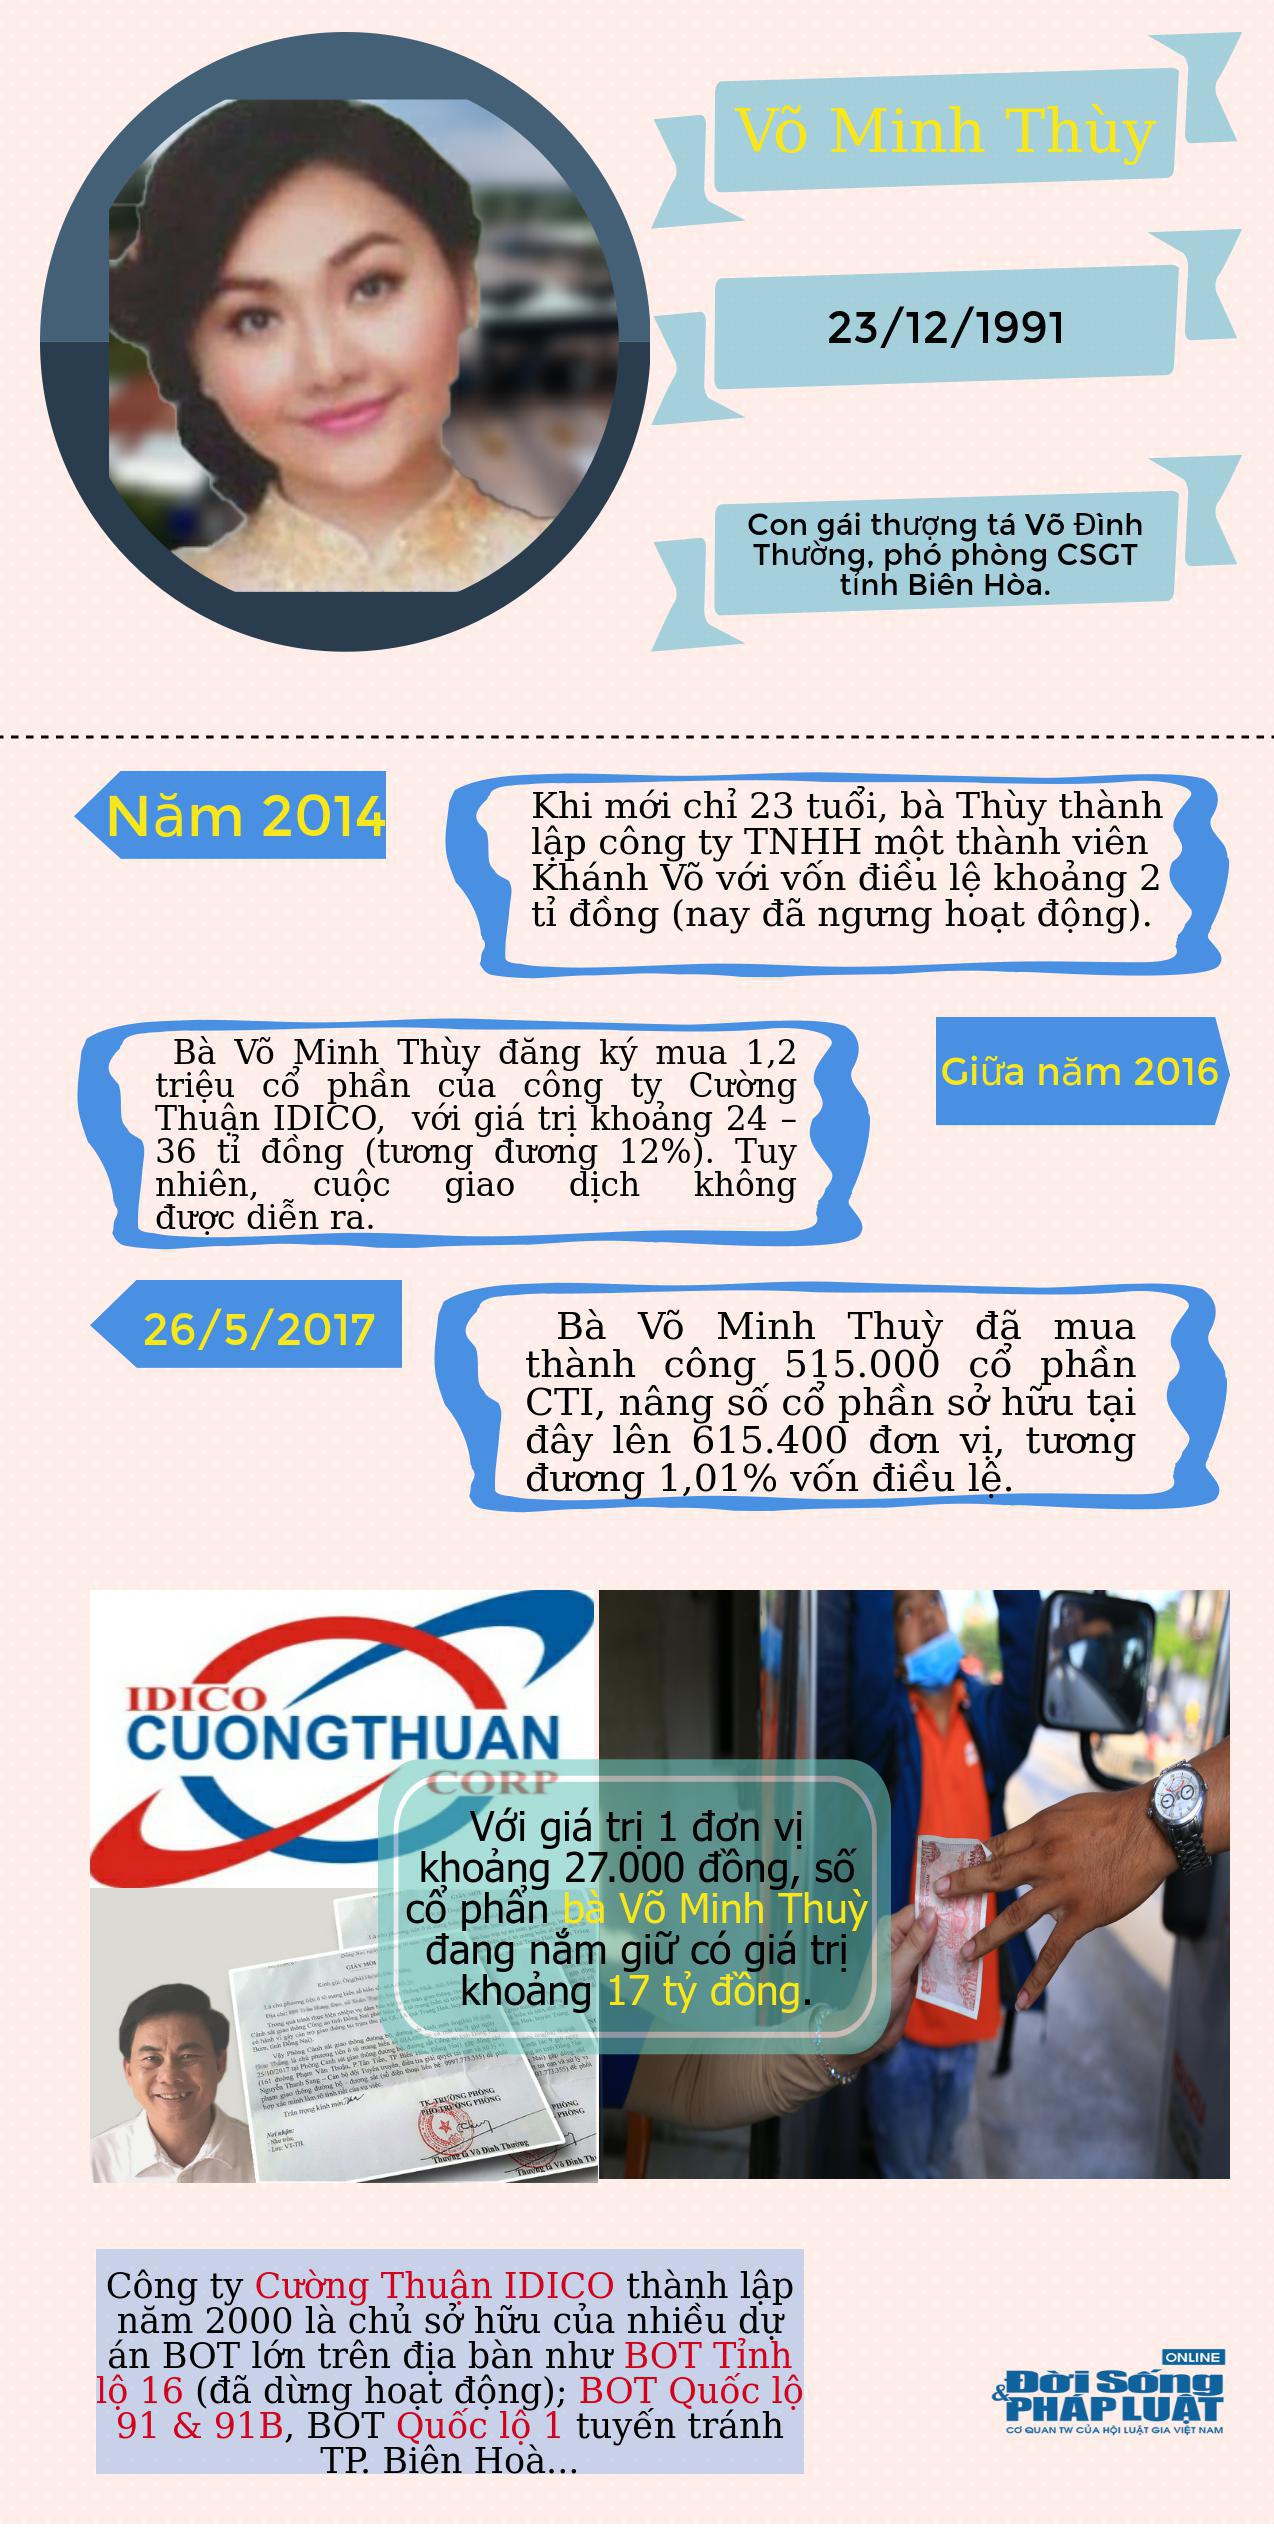 Con gái thượng tá Võ Đình Thường nắm giữ bao nhiêu cổ phần của công ty sở hữu trạm BOT Biên Hòa? - Ảnh 1